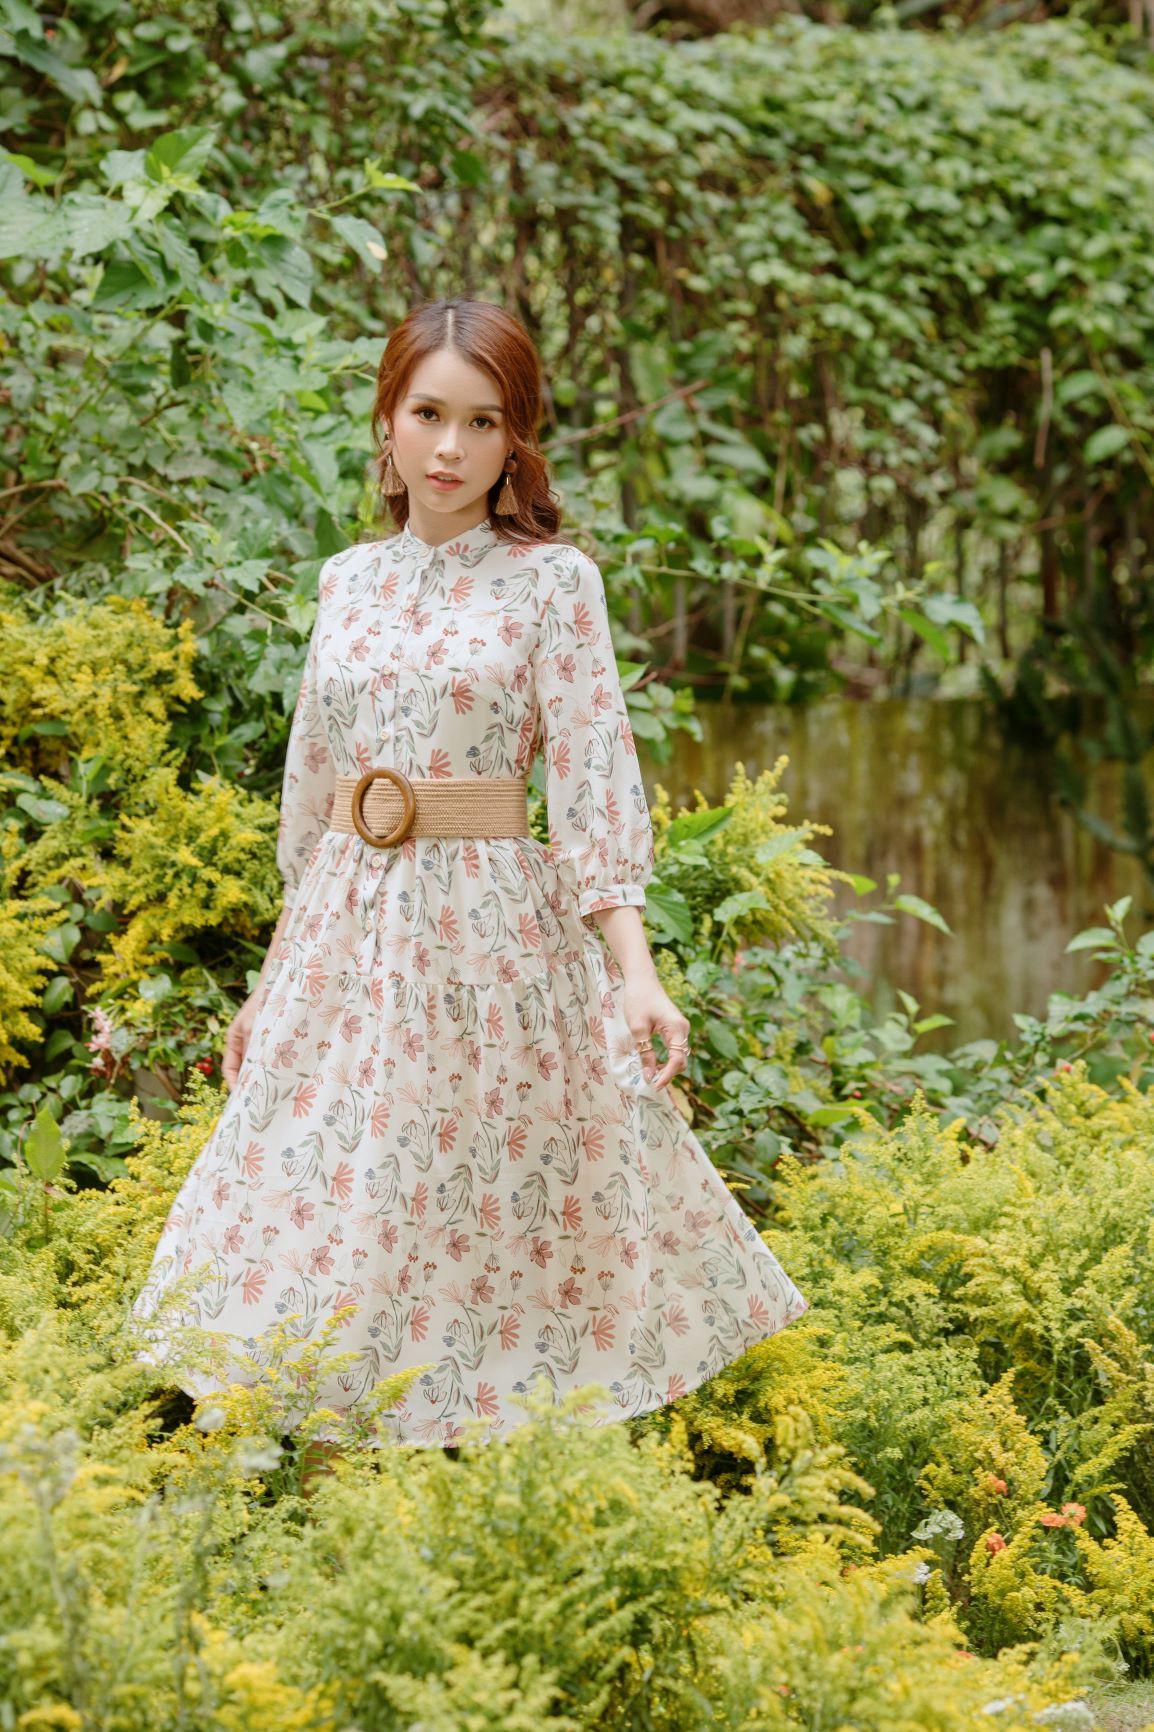 Cùng Sam đón mùa thu dịu dàng bằng những mẫu váy đẹp đến nao lòng - Ảnh 3.